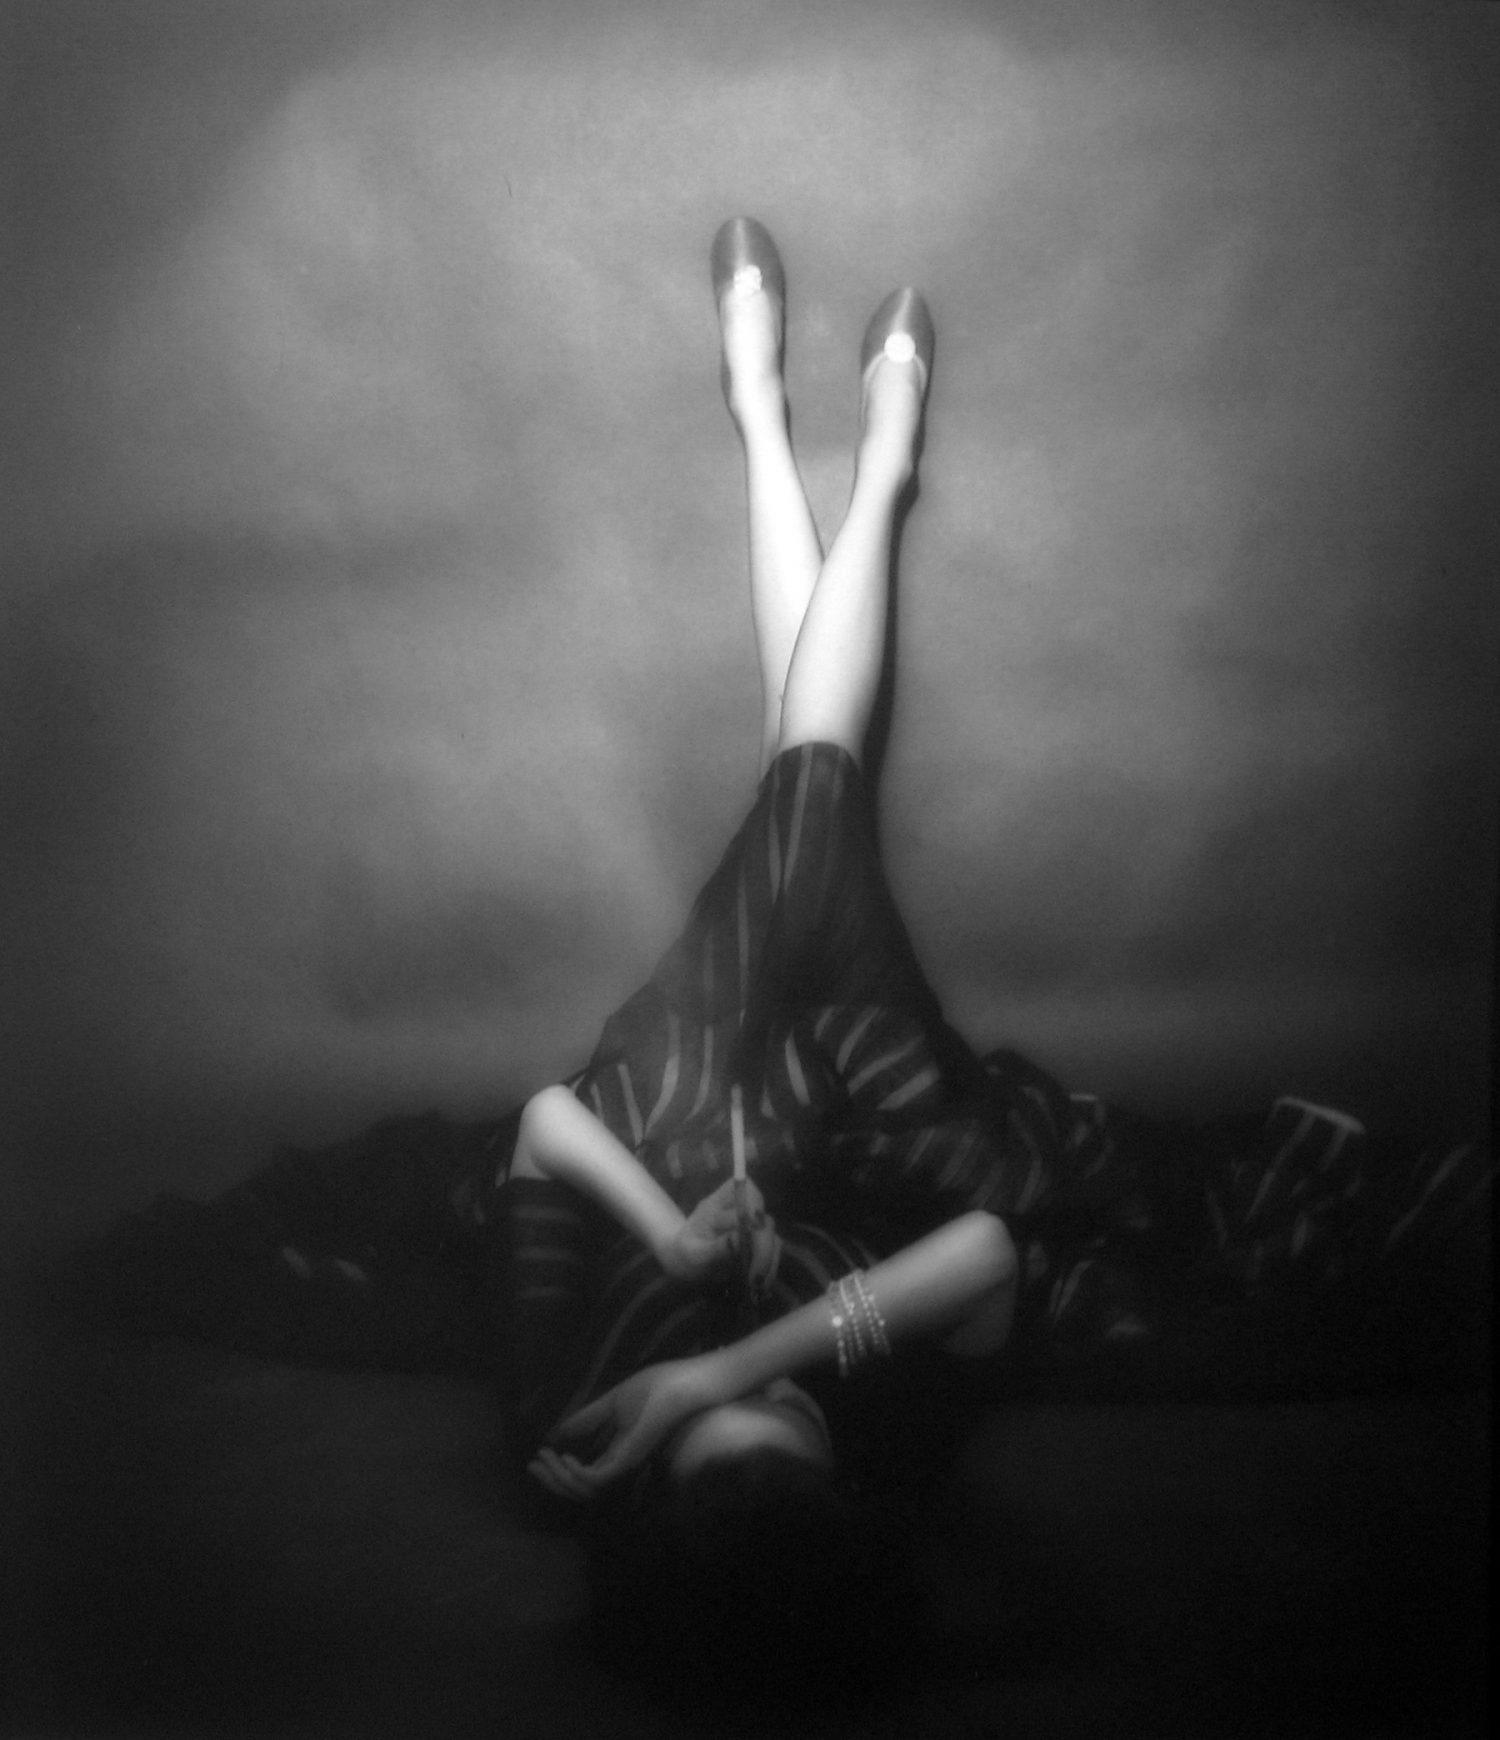 Fotó: Lillian Bassman: The Well-Dressed Leg: Dorian Leigh, New York. Harper's Bazaar, April 1948